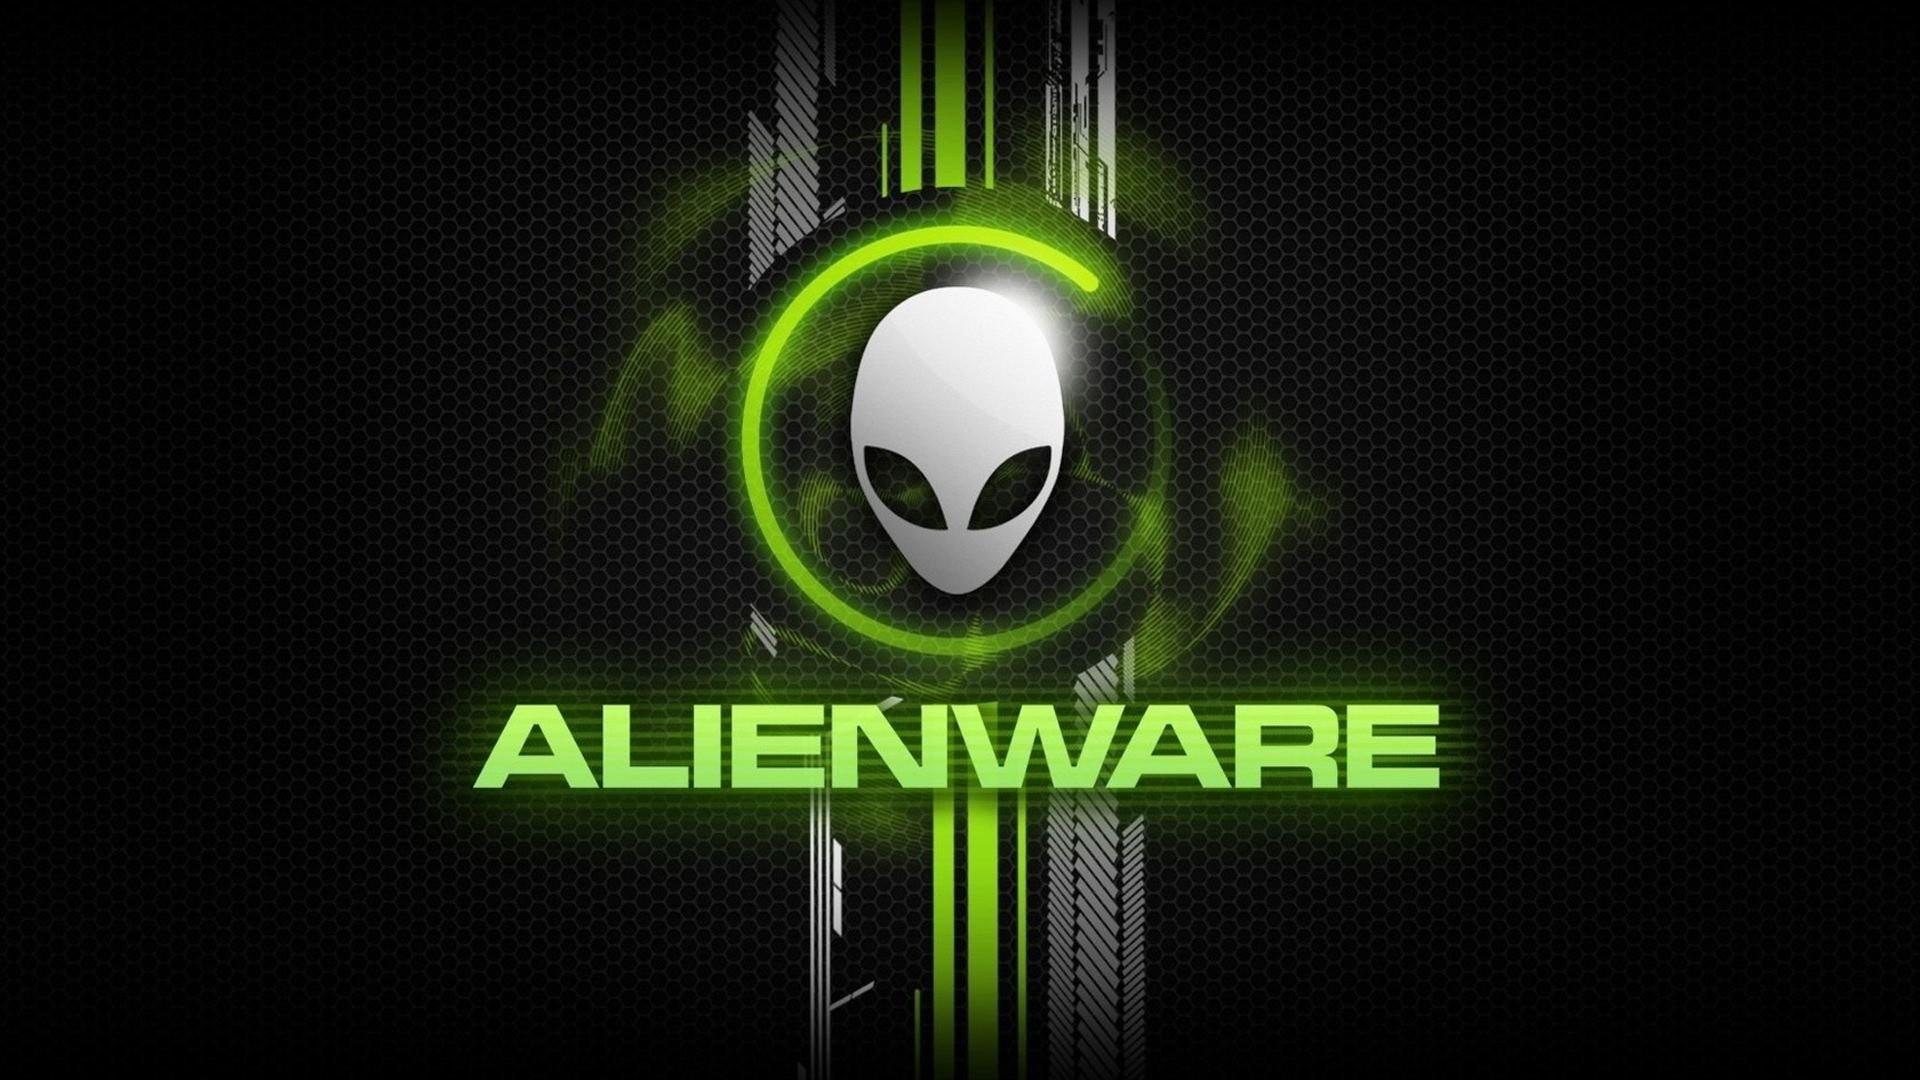 1920x1080px Alienware clipart 1080p